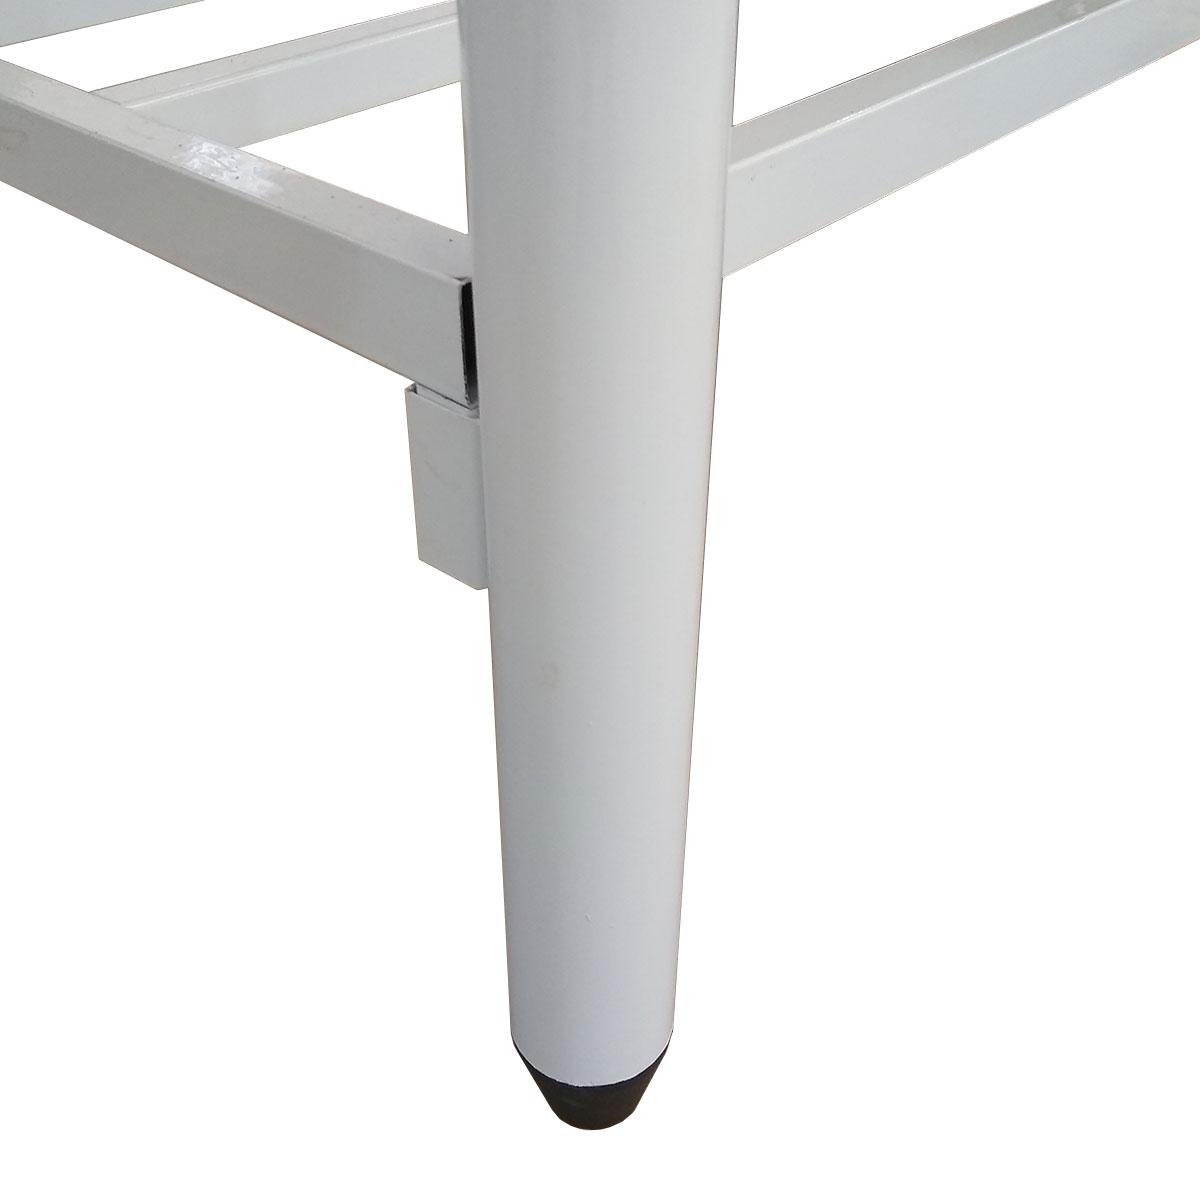 Mesa Em Inox Innal 140x70 com Prateleira Grade - Innal  - Carmel Equipamentos